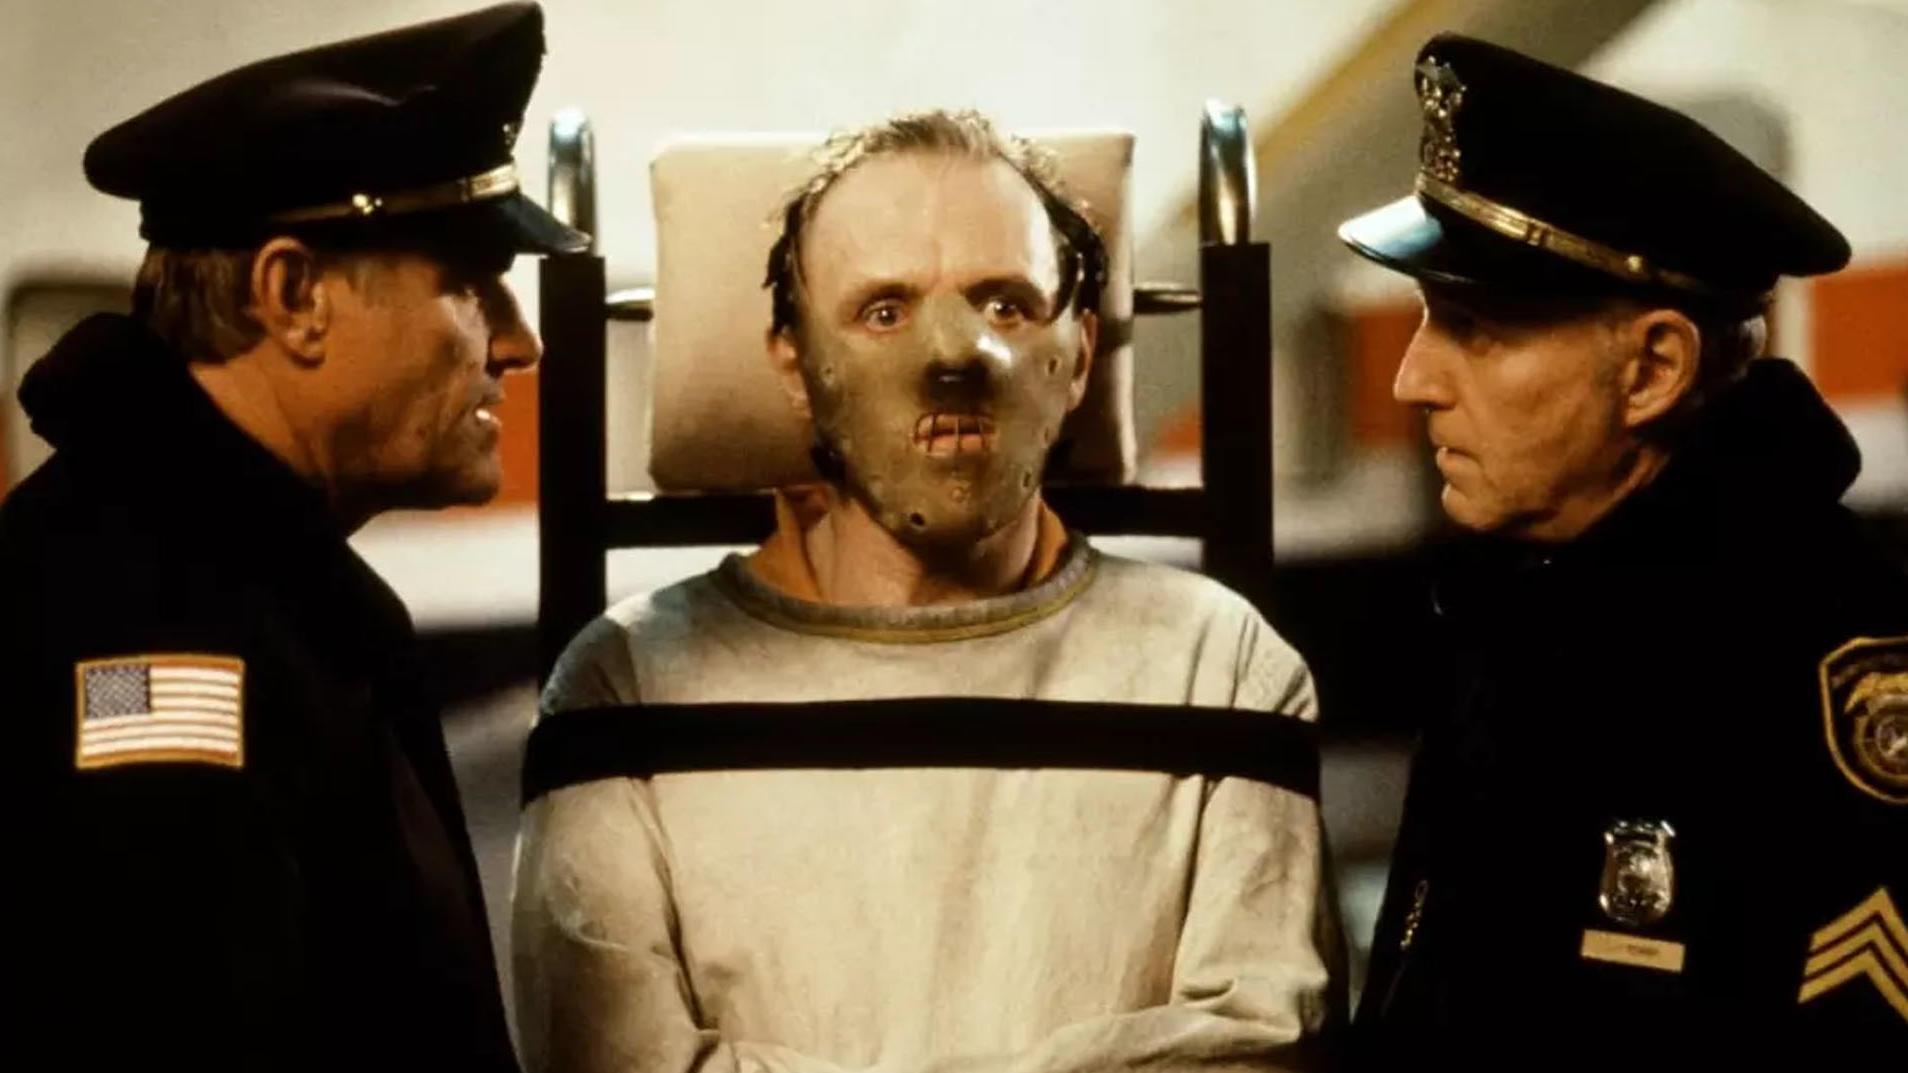 #经典看电影#10分钟看完奥斯卡第一犯罪惊悚片《沉默的羔羊》,人心太可怕了